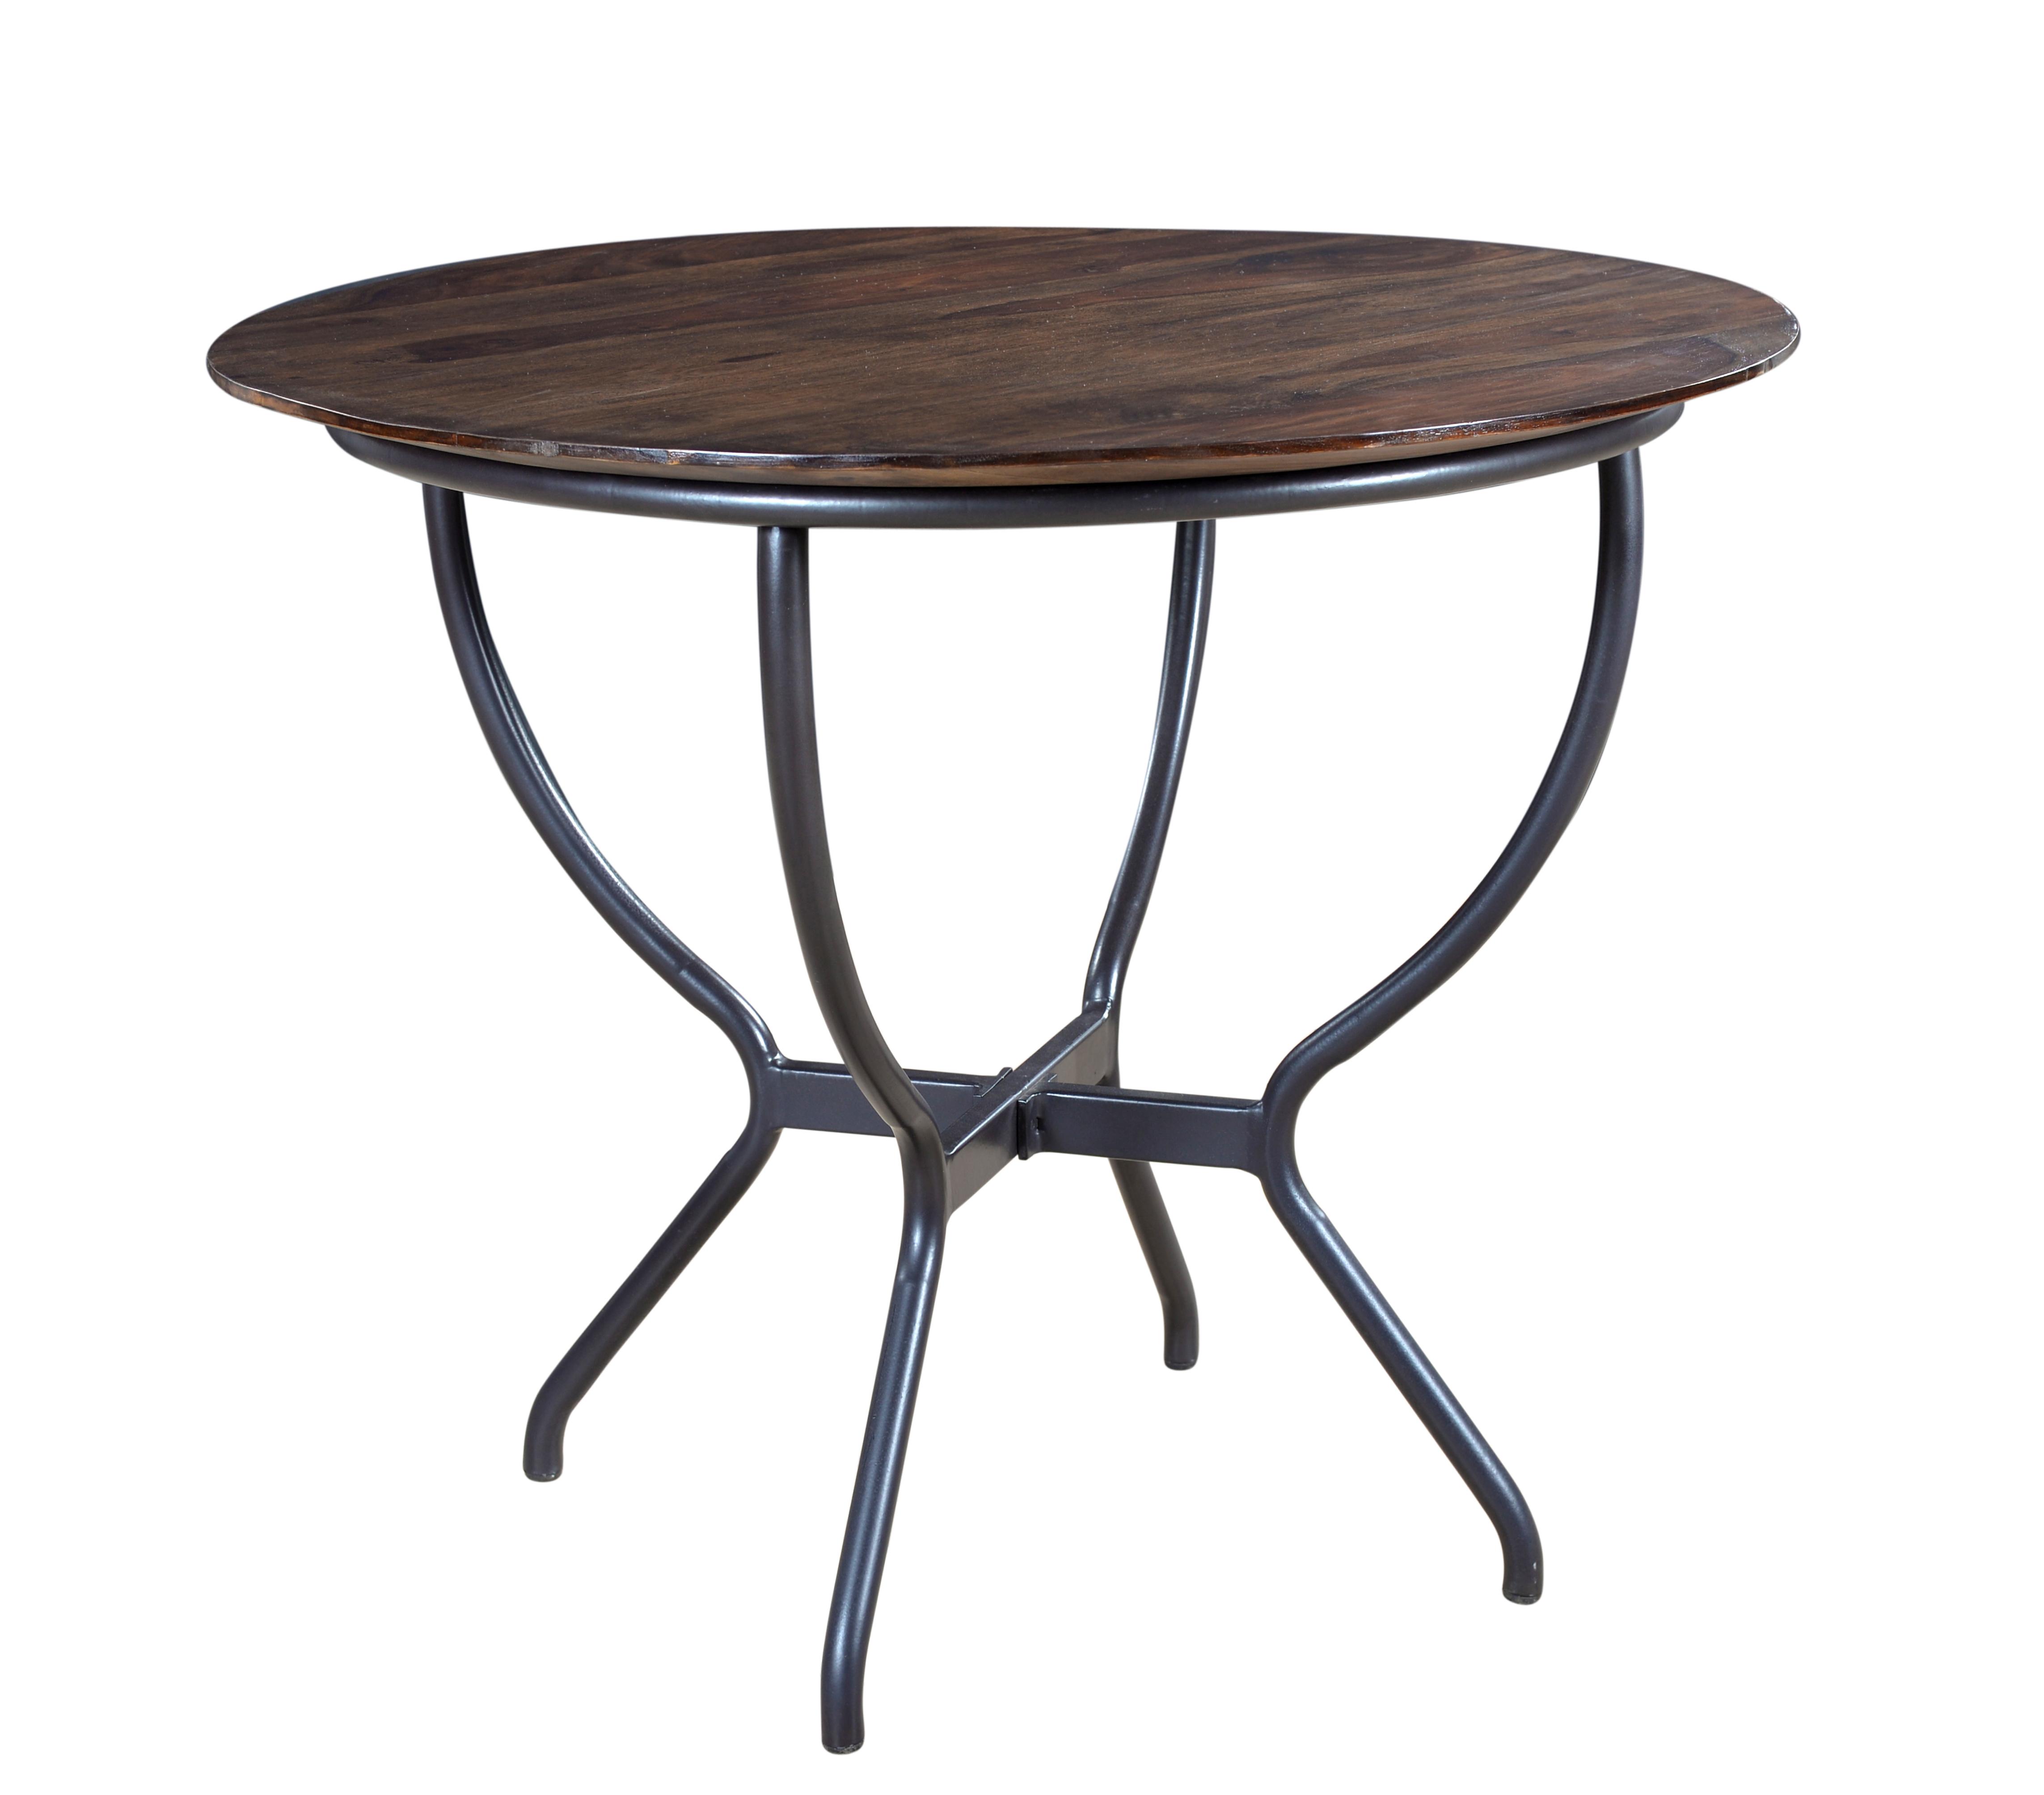 Adler Dining Table